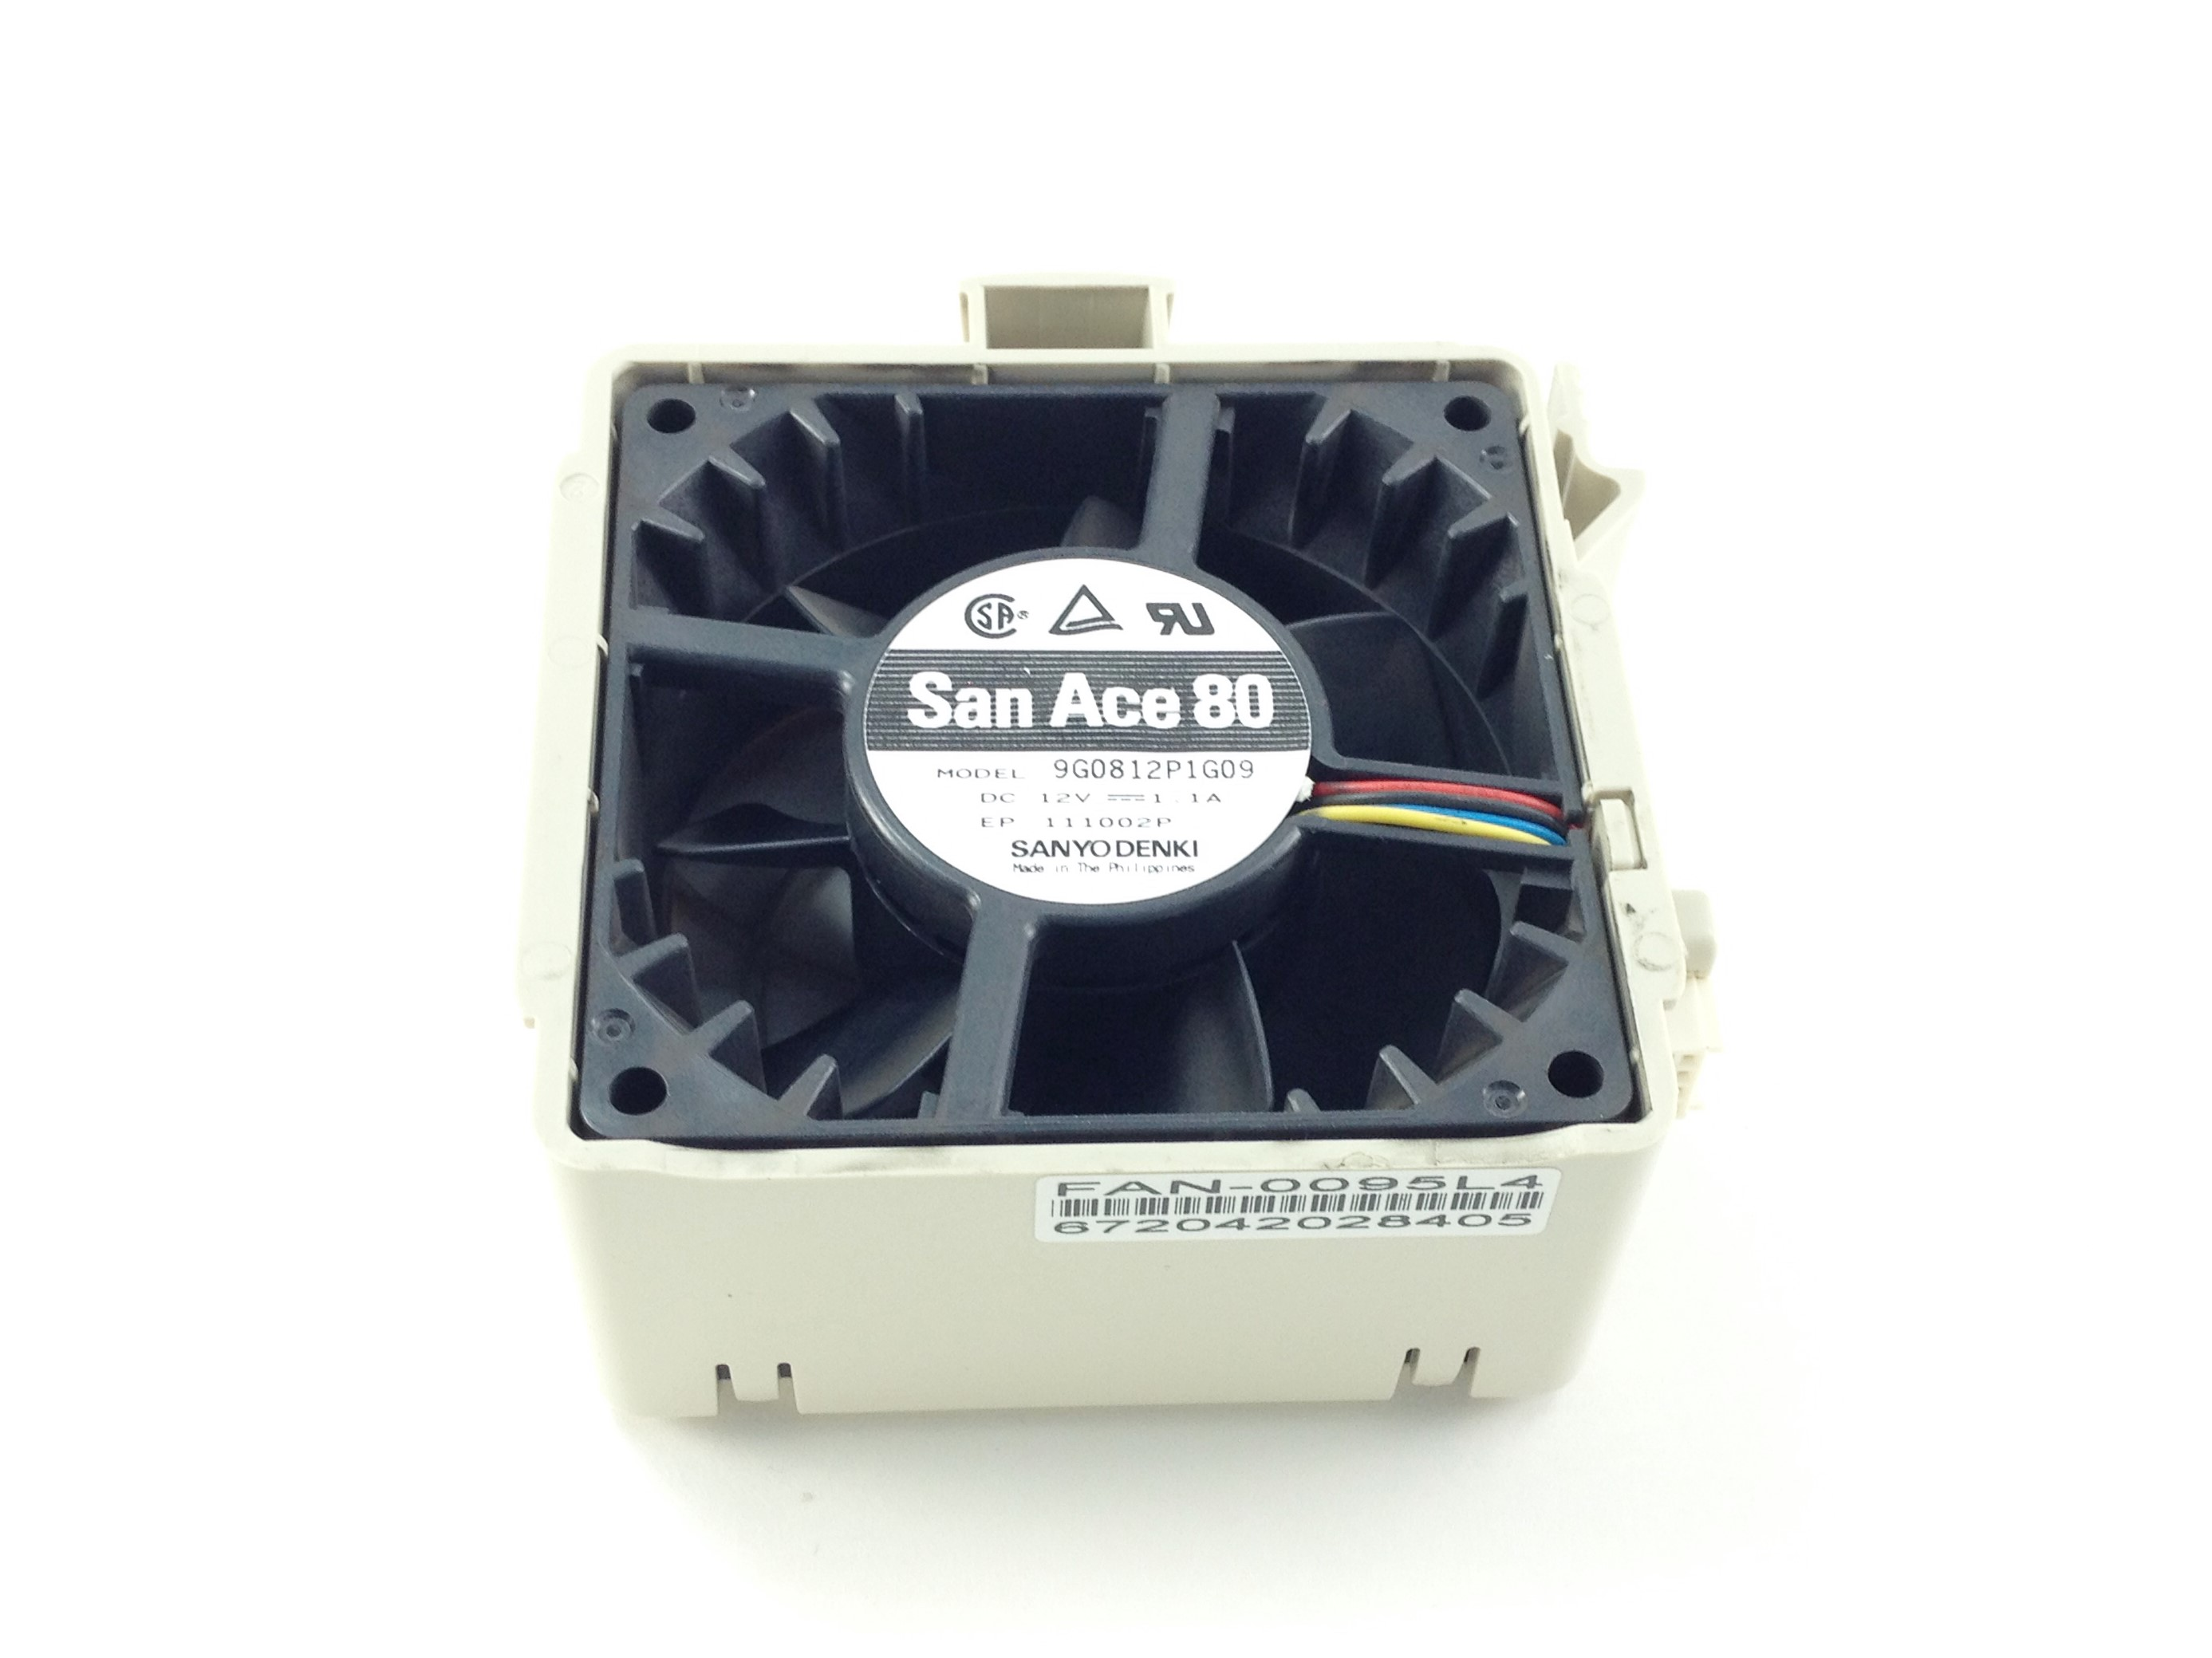 Supermicro Hot Swap Chassis Fan w/ Housing (FAN-0095L4)